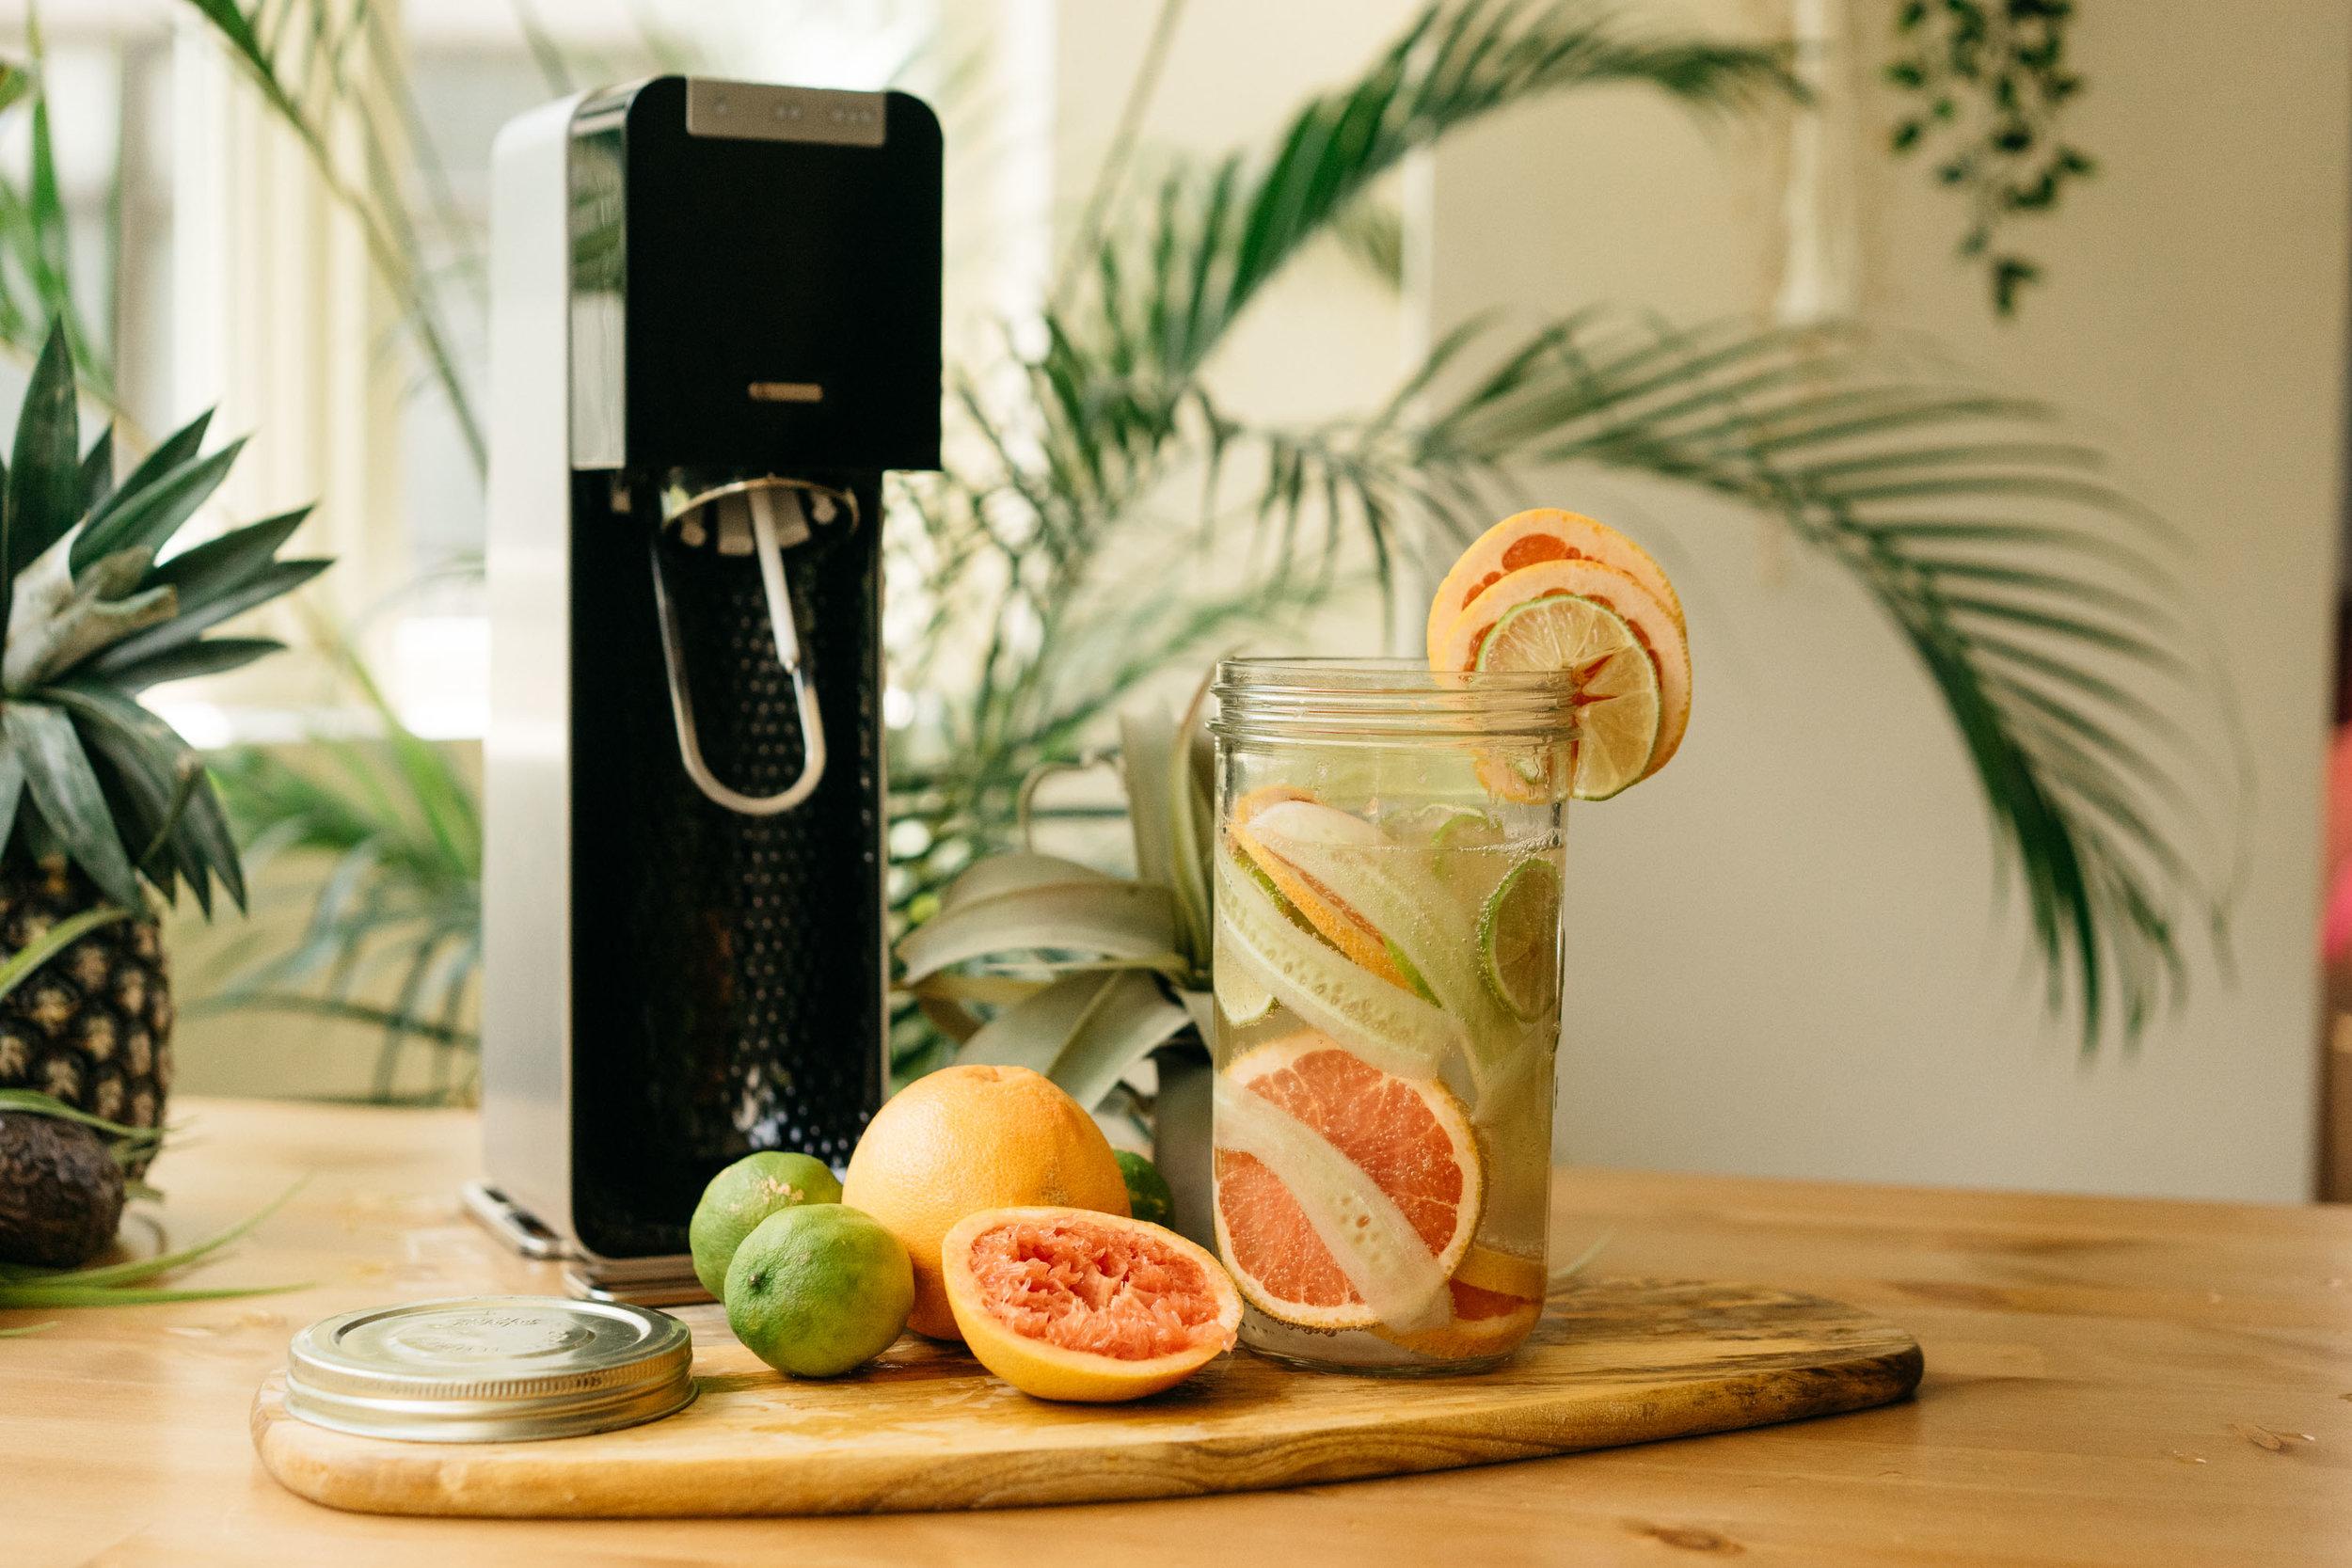 |材料|  小黃瓜半根+葡萄柚半顆+檸檬一顆+氣泡水 1L  |作法|  將小黃瓜刨片,葡萄柚跟檸檬切片,全部丟進瓶子裡,加入氣泡水。(喜歡更重水果味的你,其中葡萄柚跟檸檬可以選擇兩三片用手擠些汁出來喔)